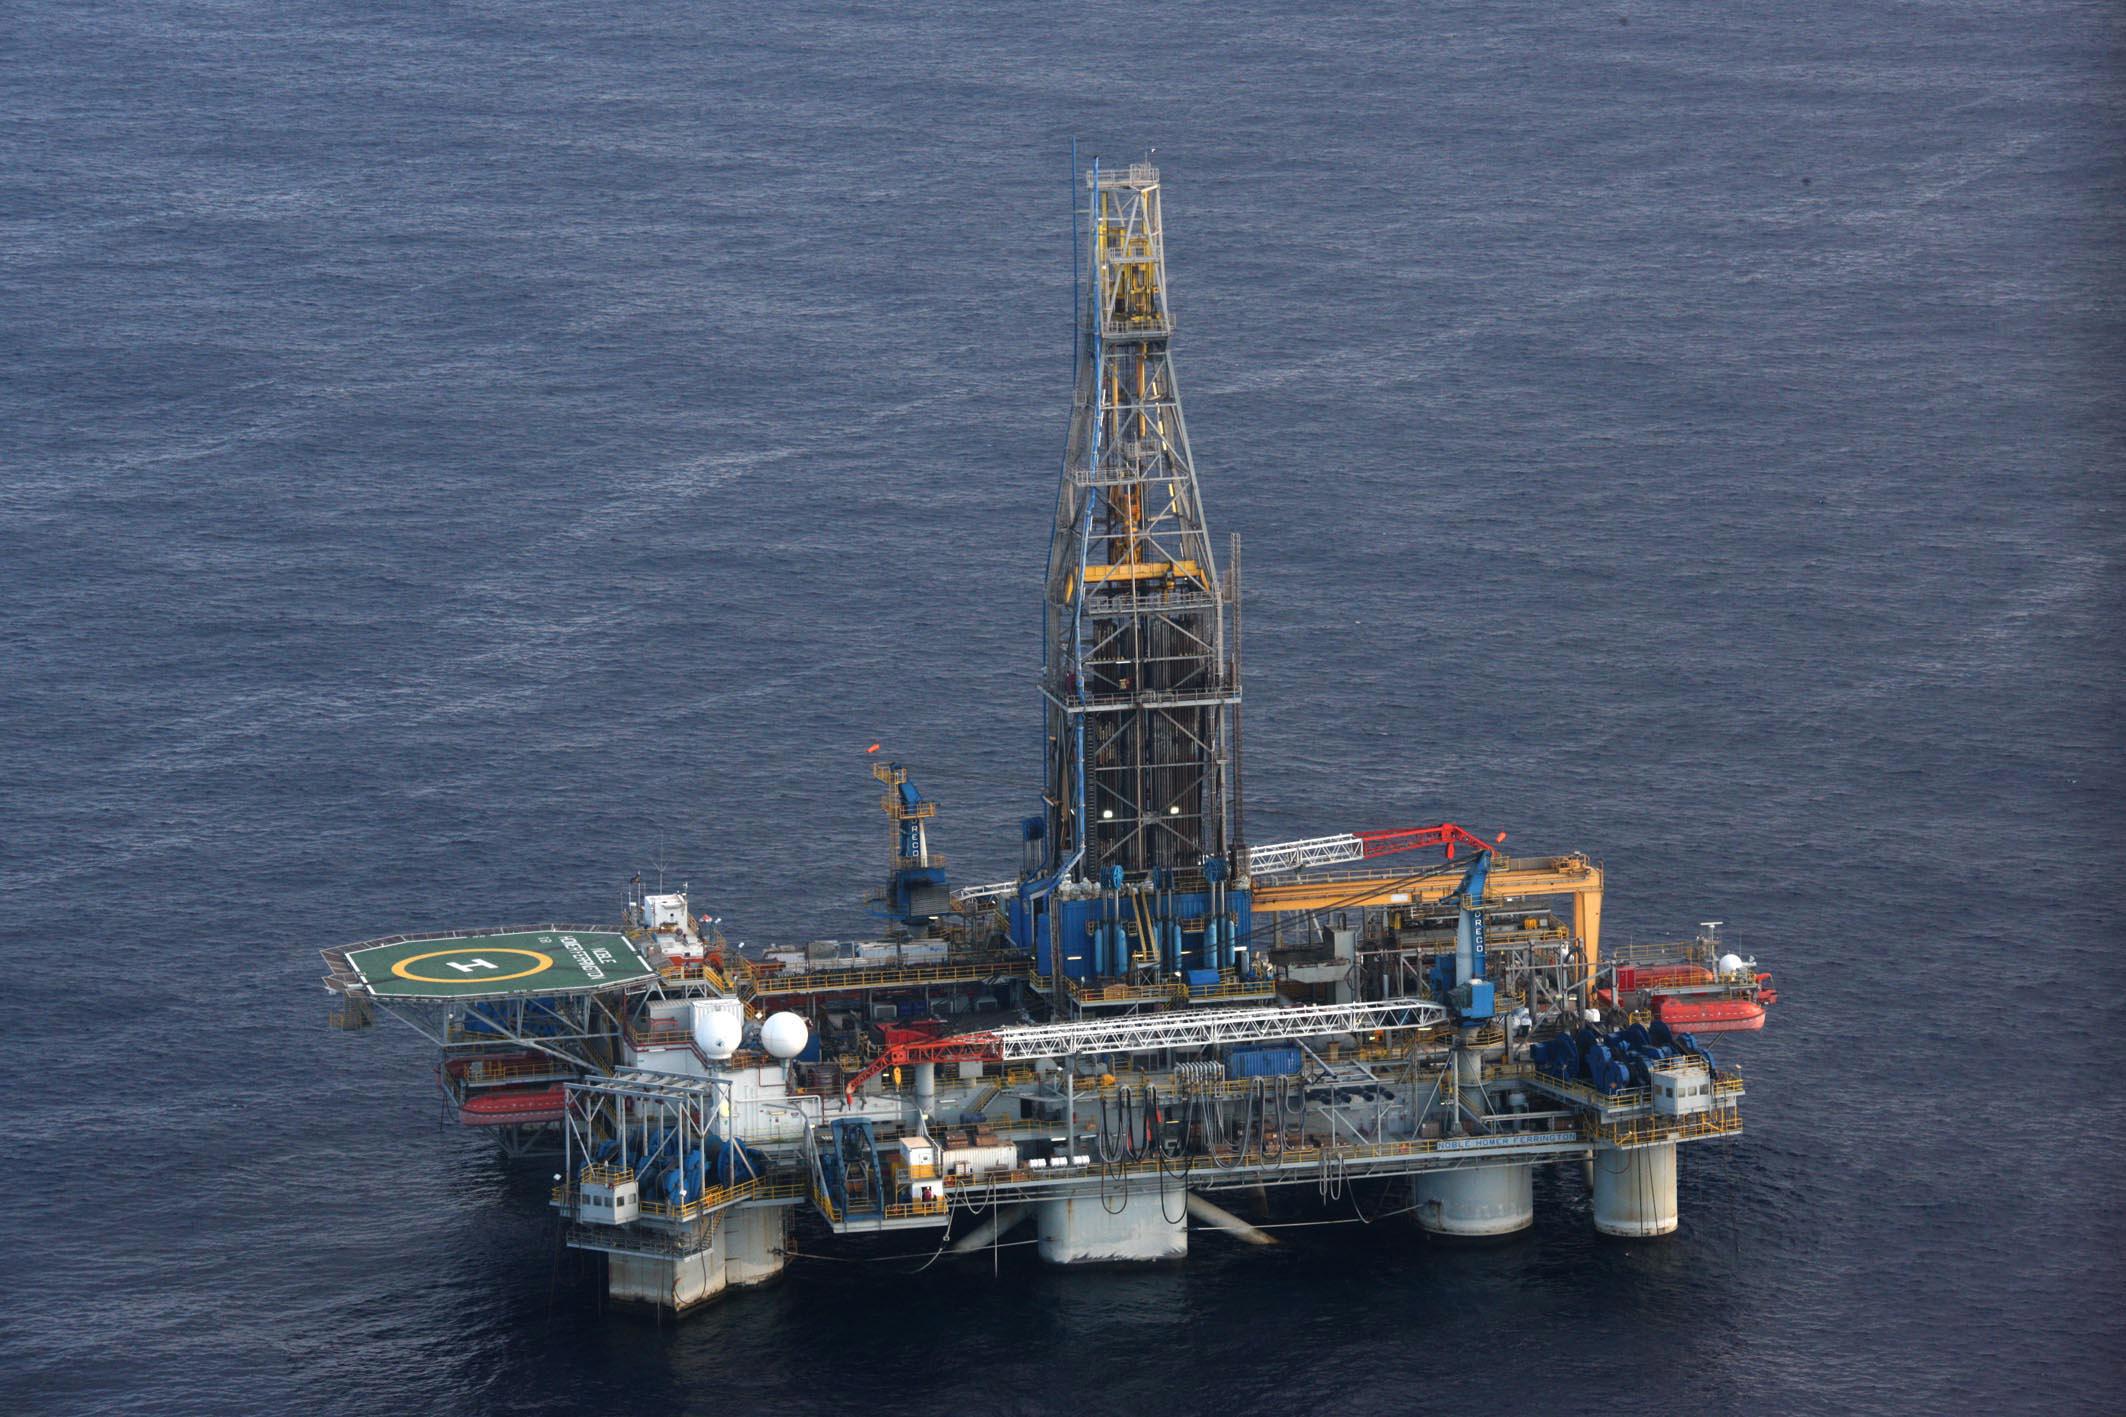 Ορίσθηκαν οι επικεφαλής στην Ελληνική Διαχειριστική Εταιρεία Υδρογονανθράκων